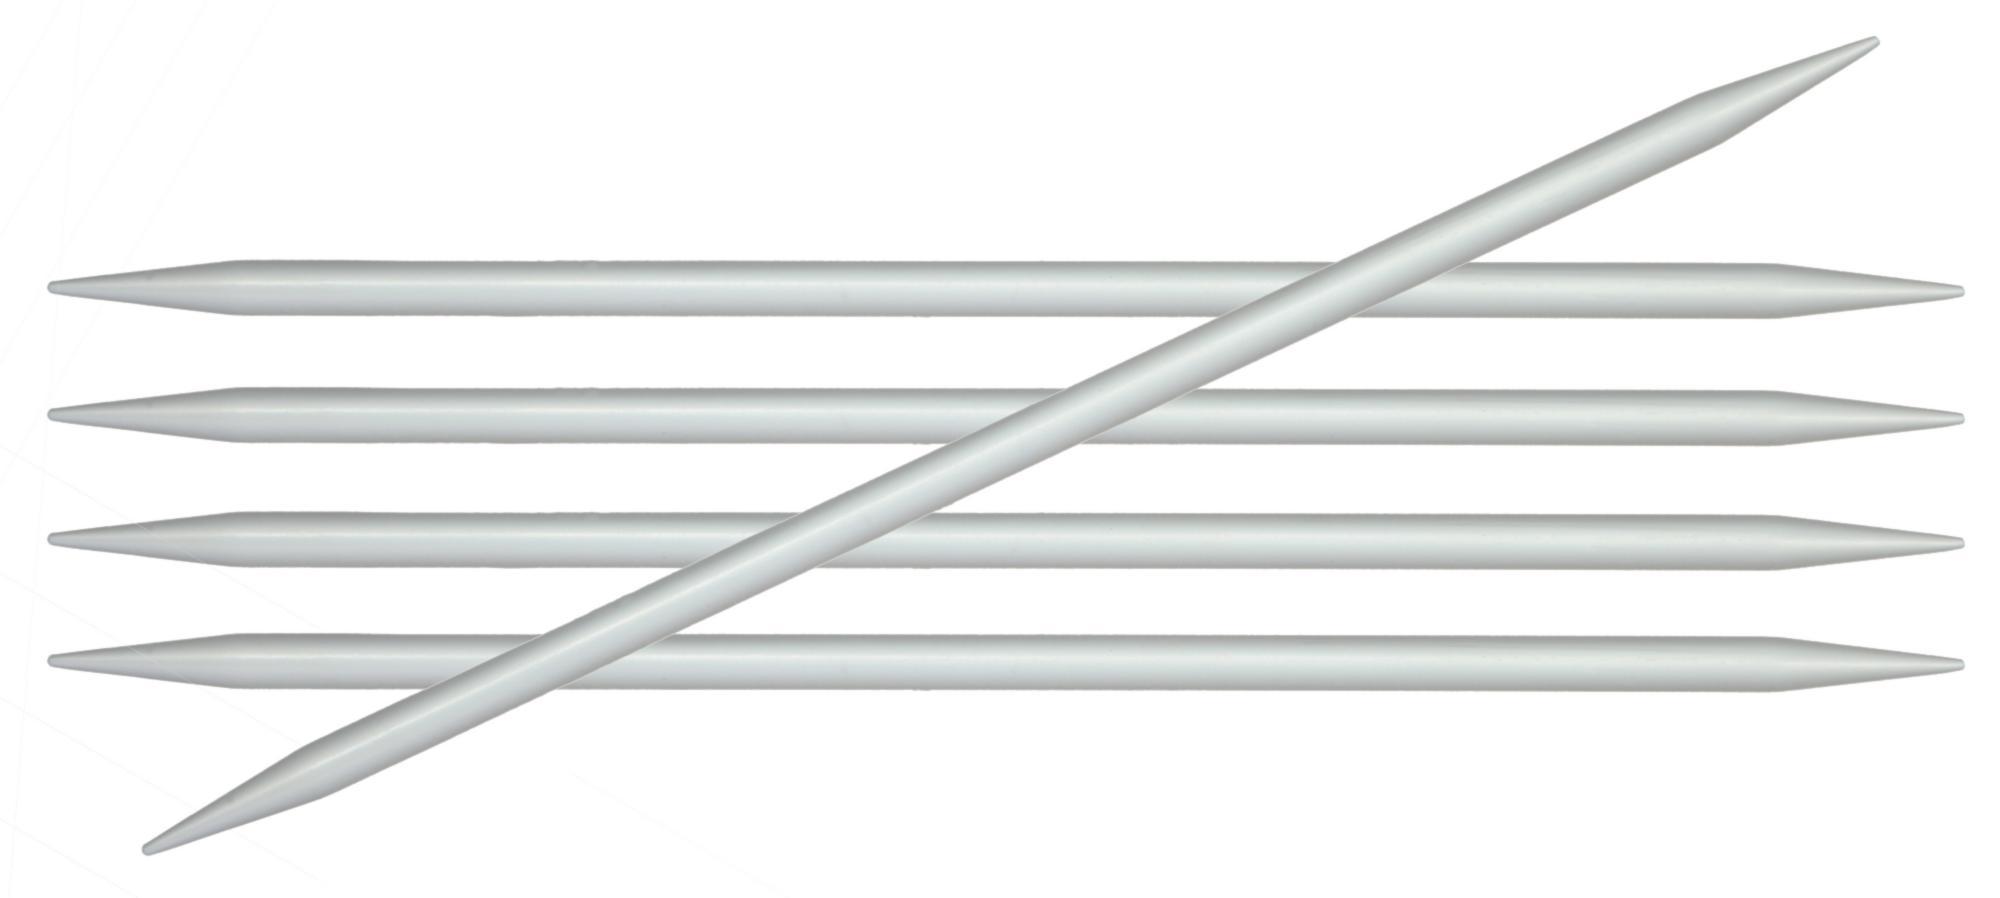 Спицы носочные 15 см Basix Aluminium KnitPro, 45102, 2.50 мм